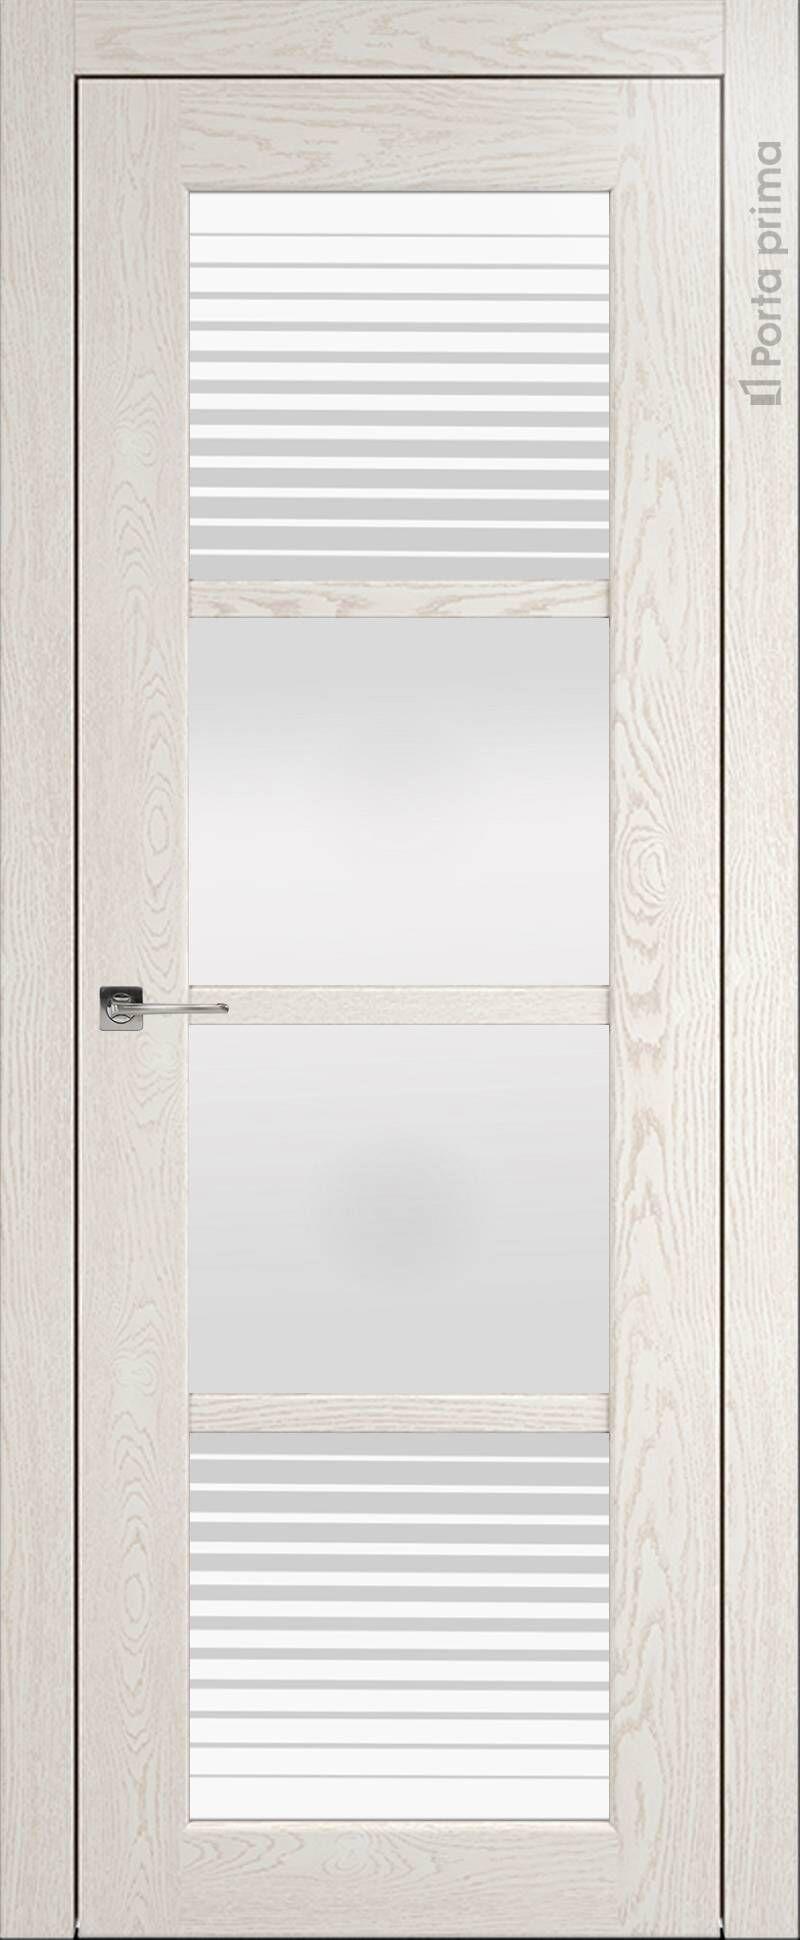 Felicia цвет - Белый ясень (nano-flex) Со стеклом (ДО)